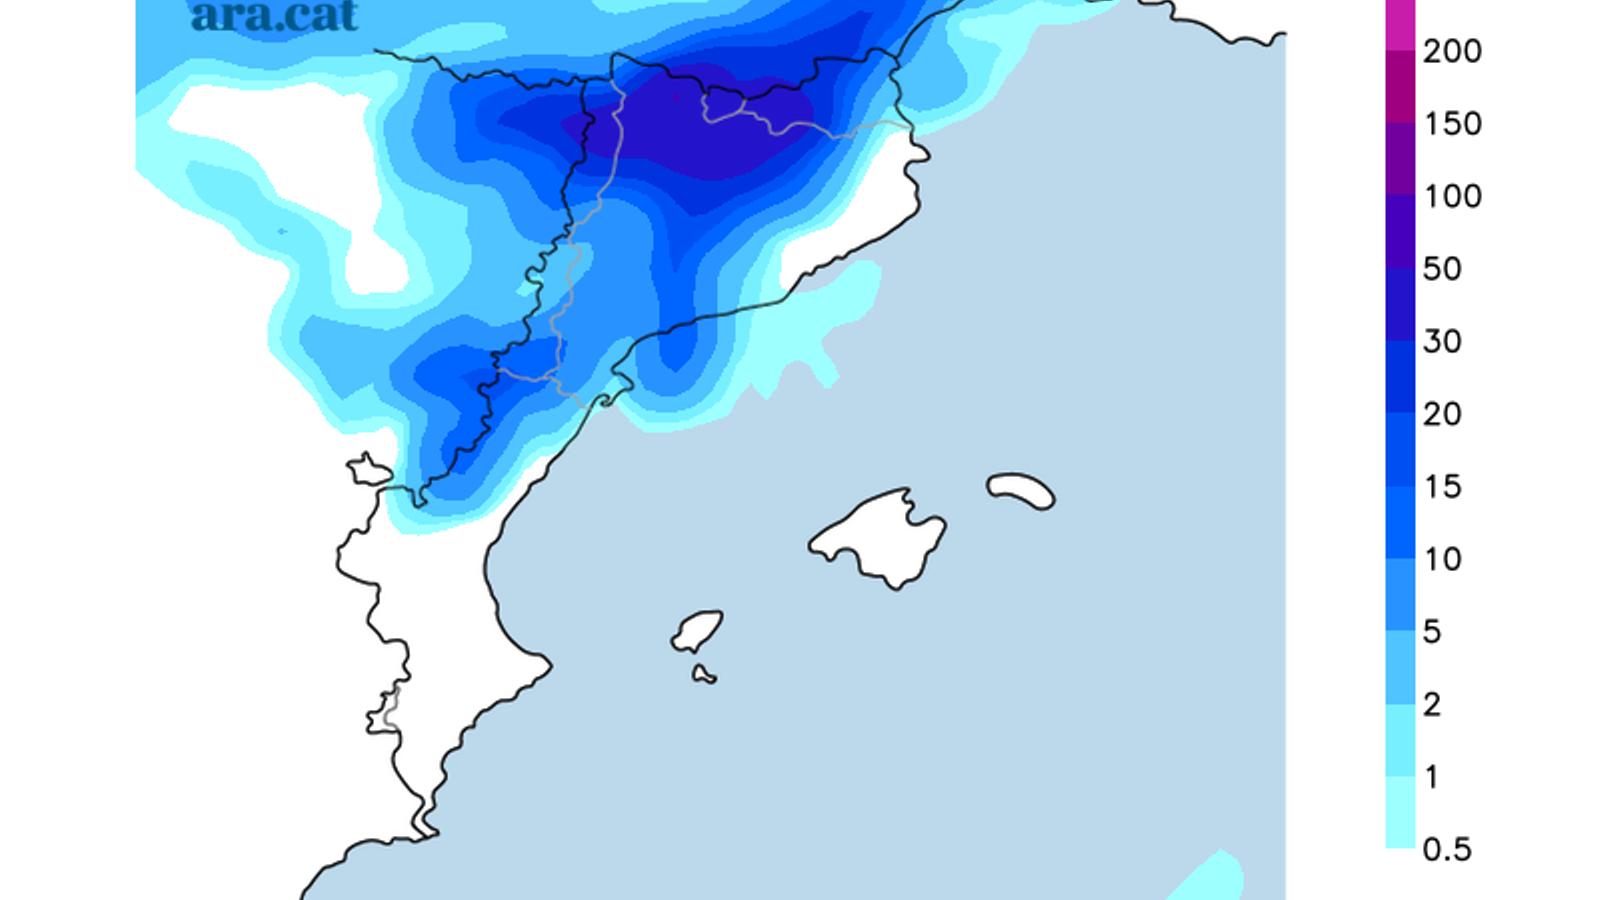 Pluja prevista per divendres / Model GFS - ARAméteo